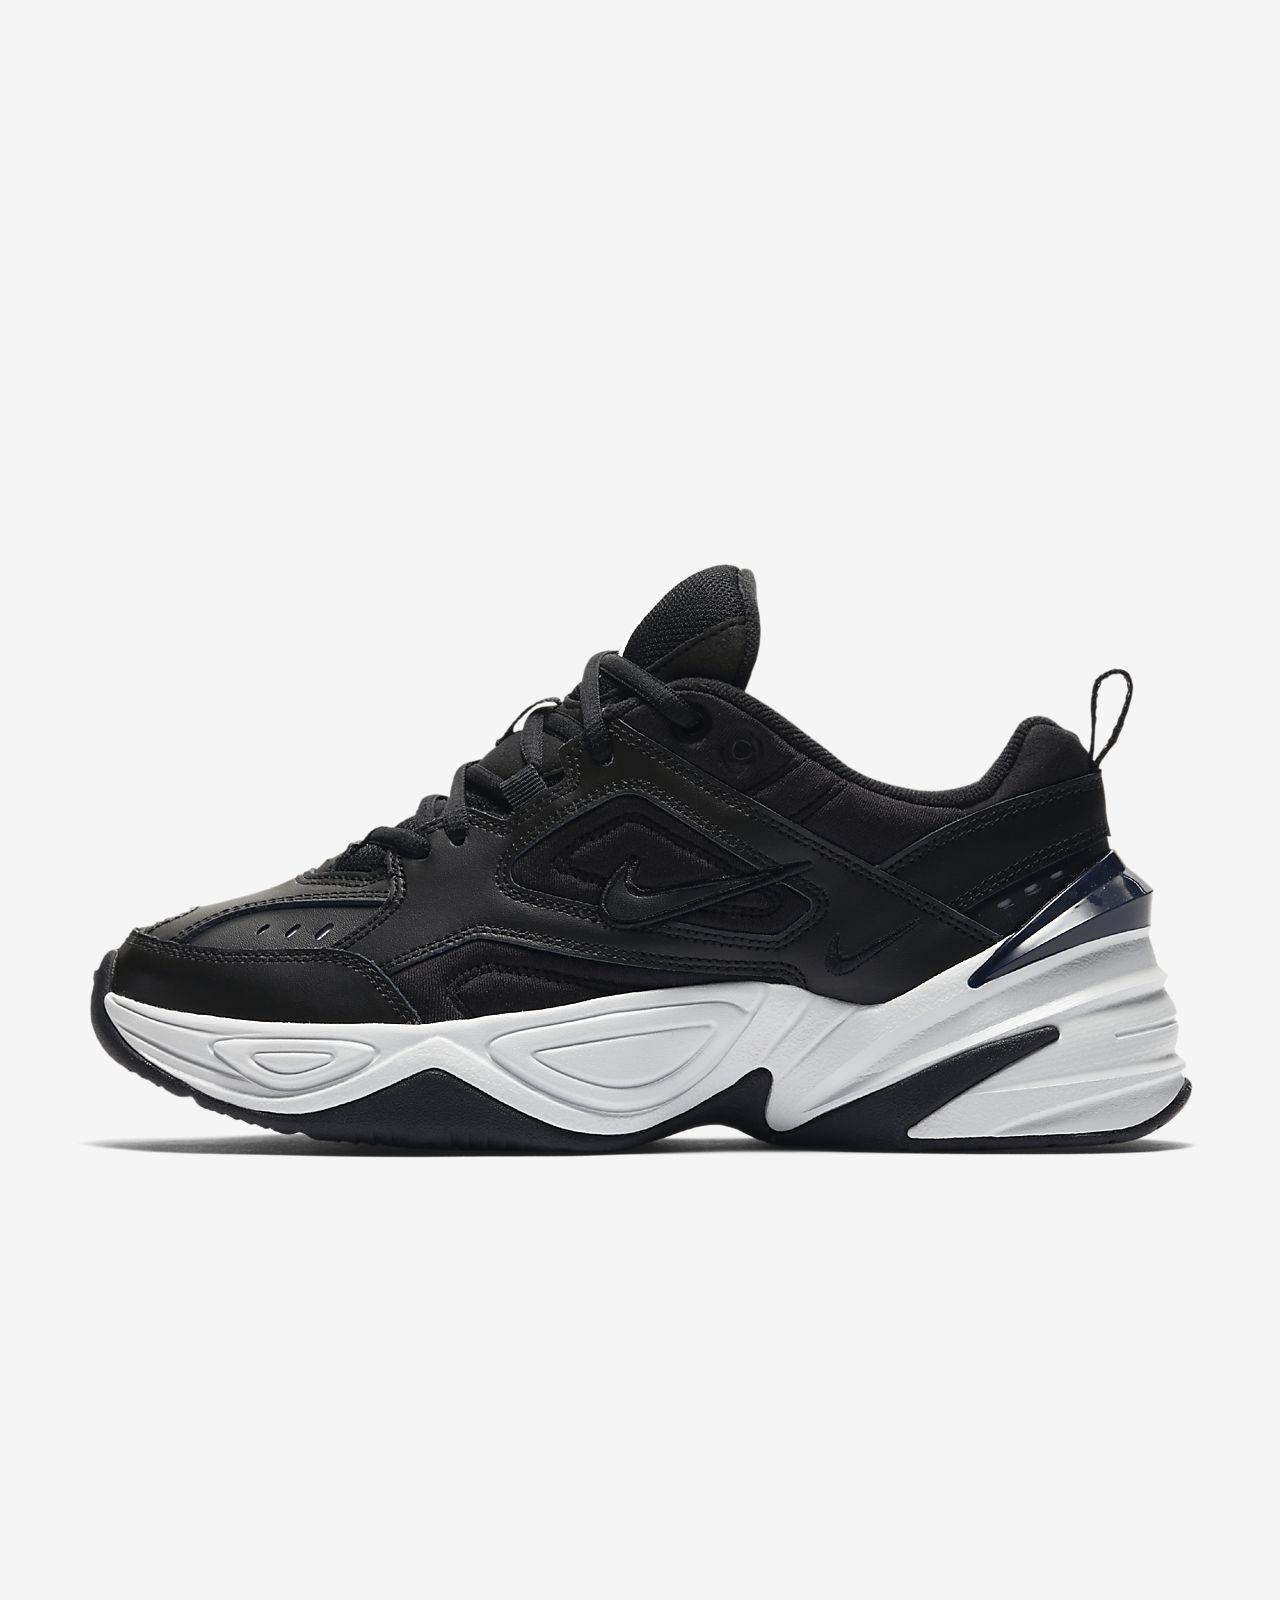 Chaussure Nike Tekno M2K Tekno Nike pour LU ab57f1